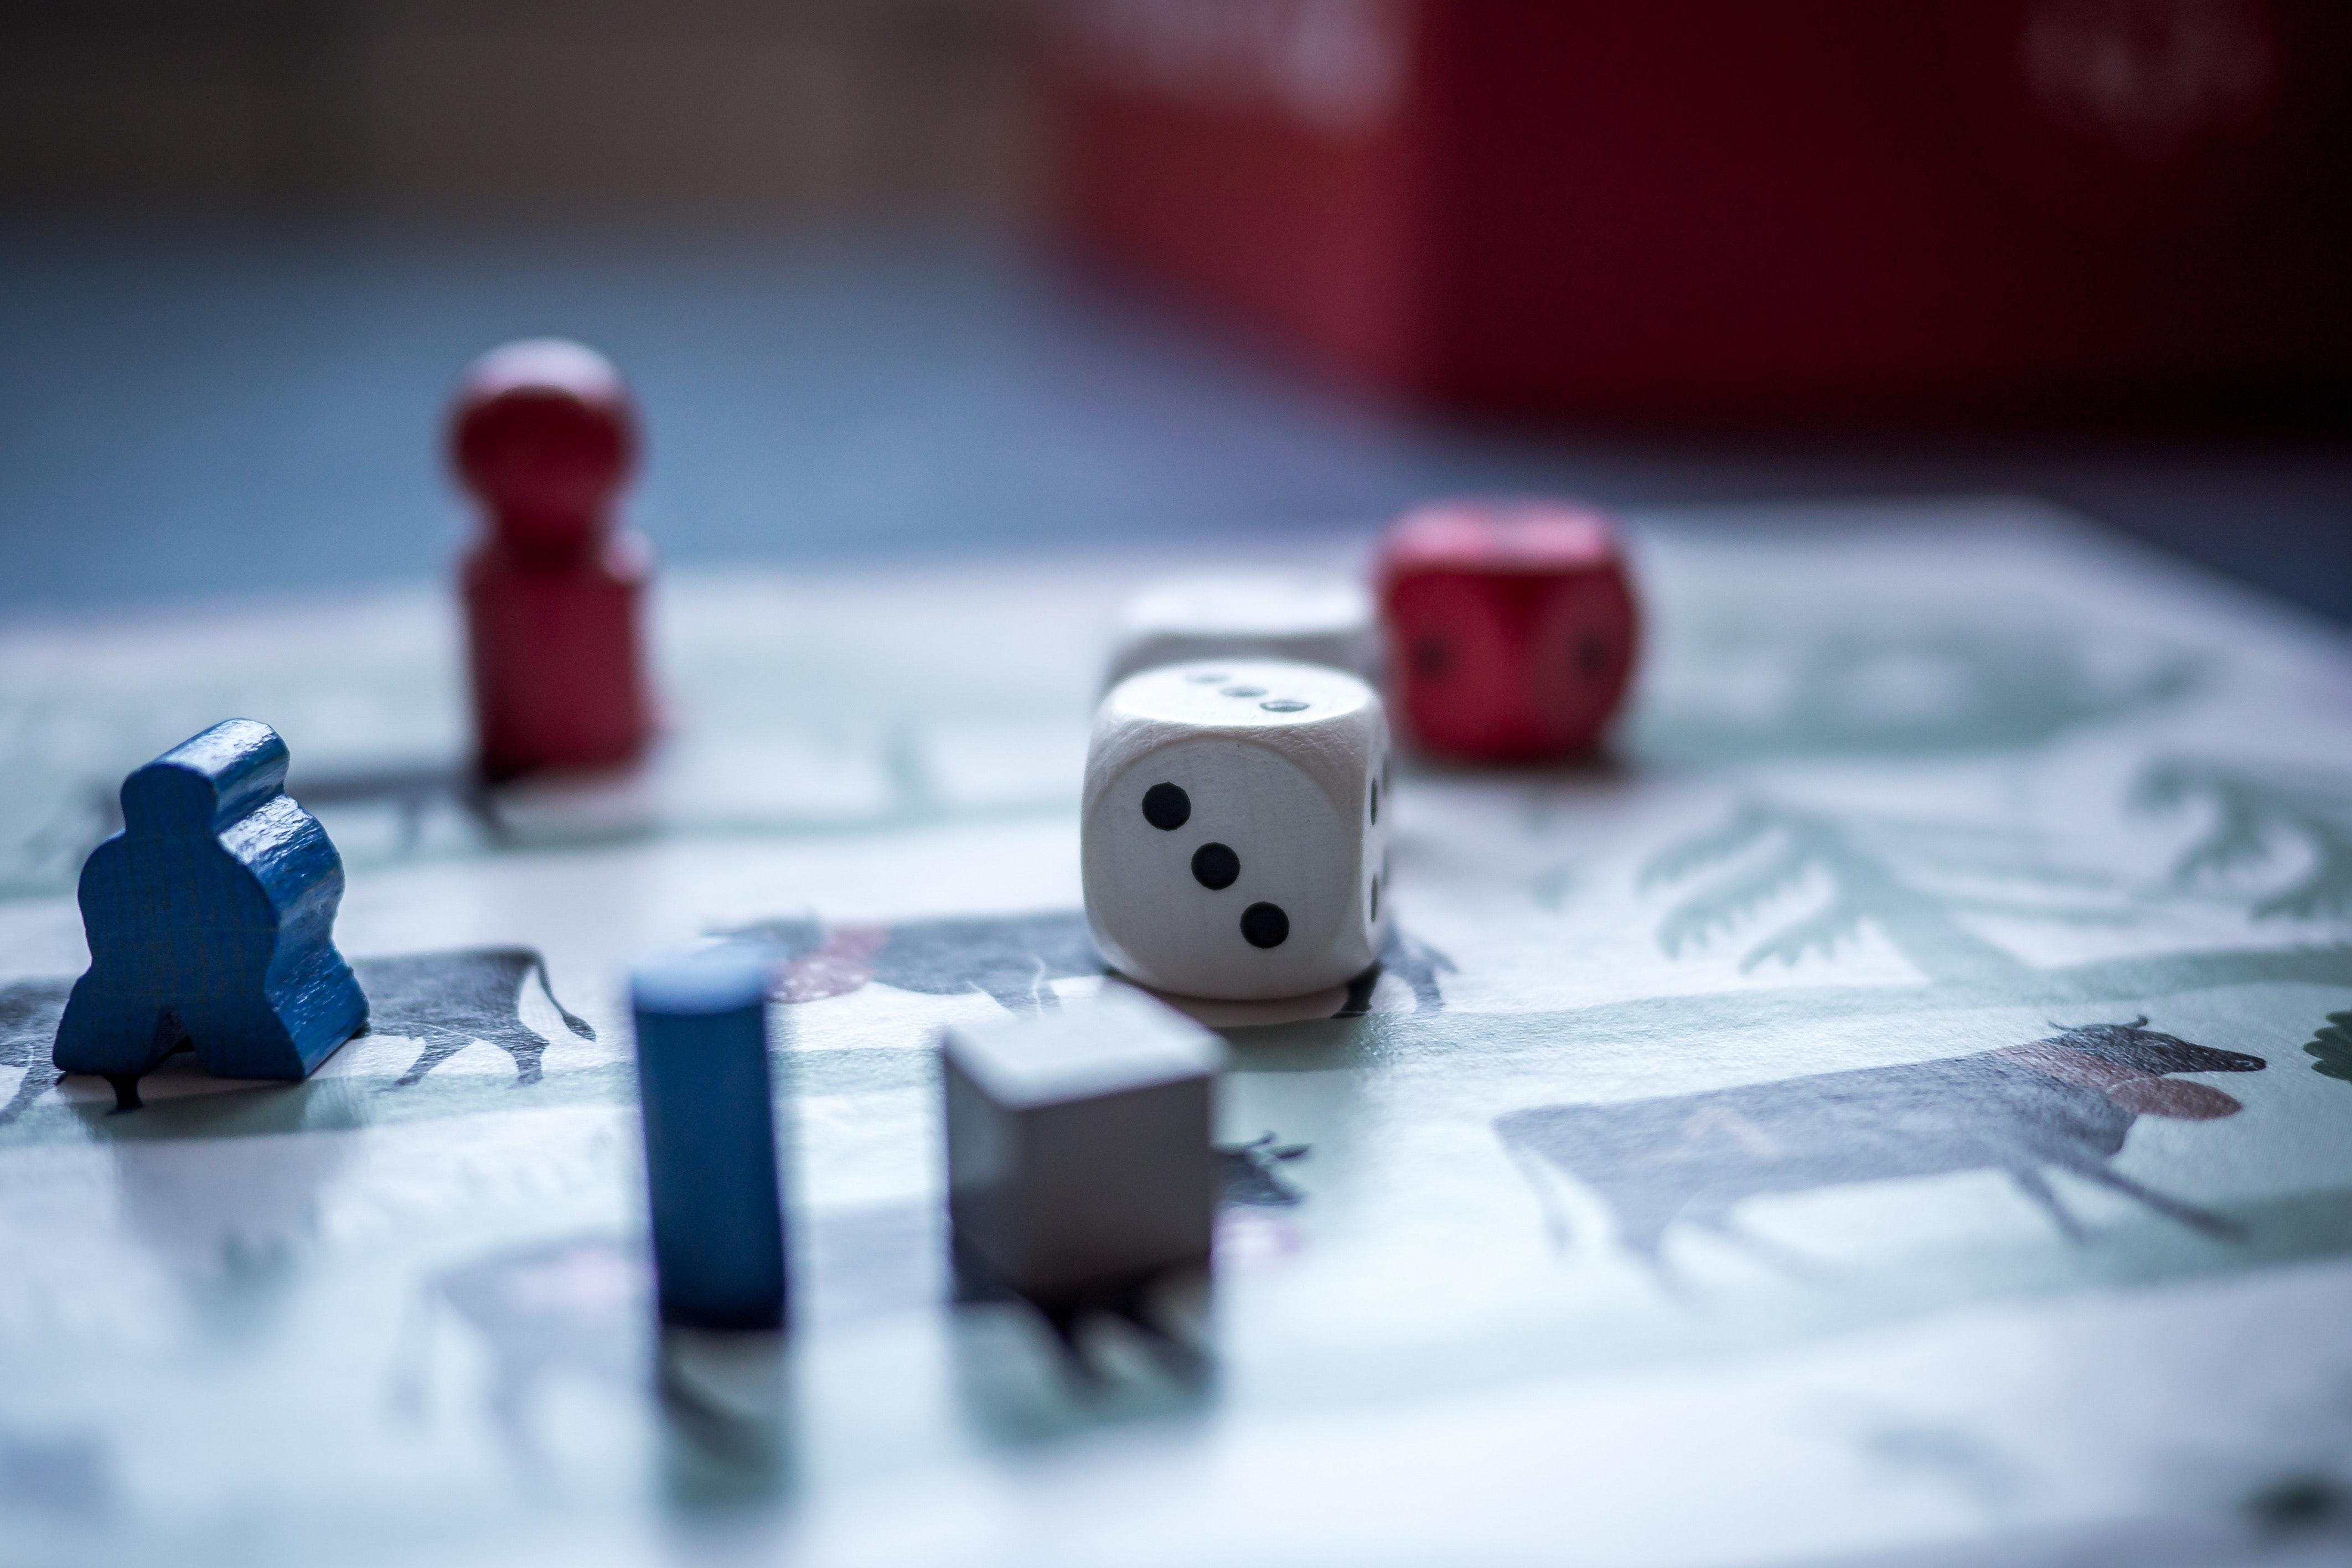 blur-board-game-challenge-278918.jpg